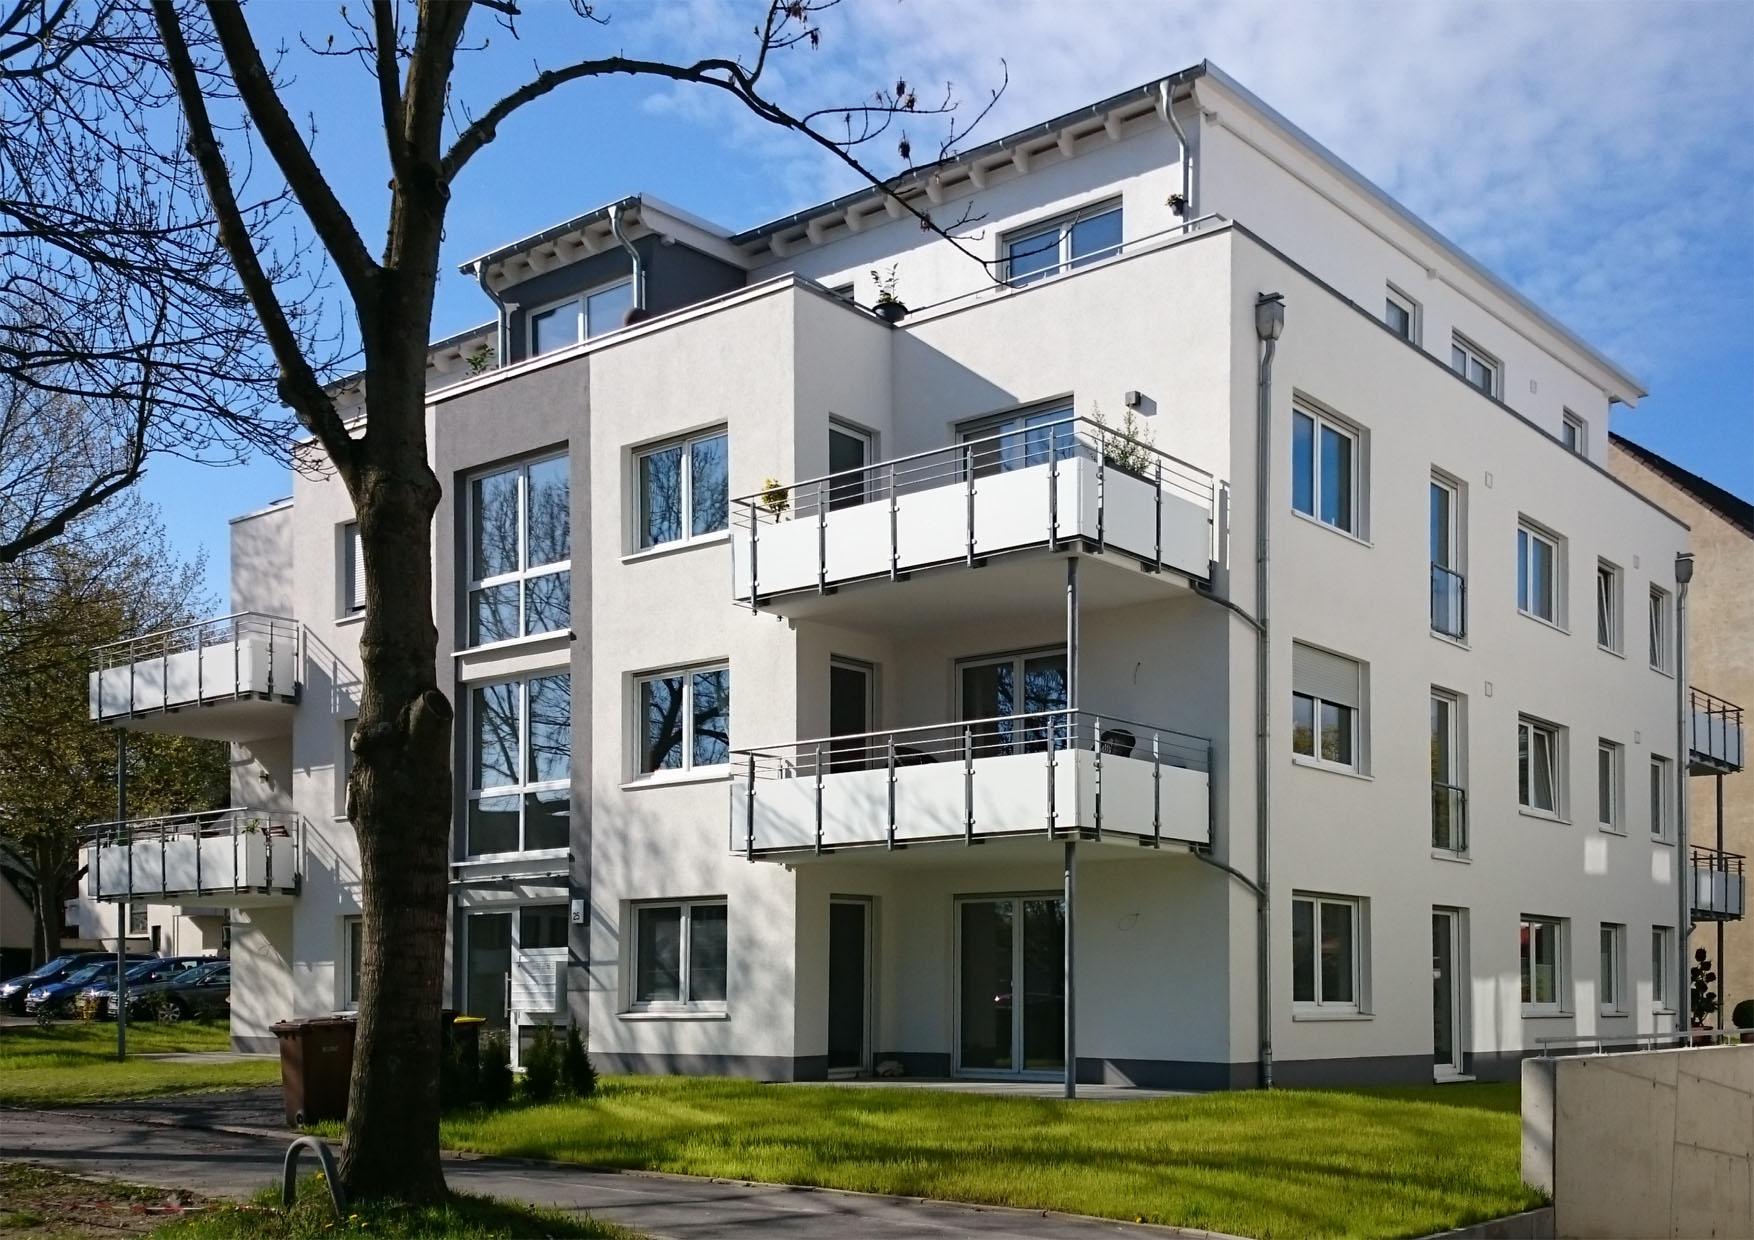 2016/17: Dortmund-Innenstadt Süd, Von-den-Berken-Straße 19 bis 25